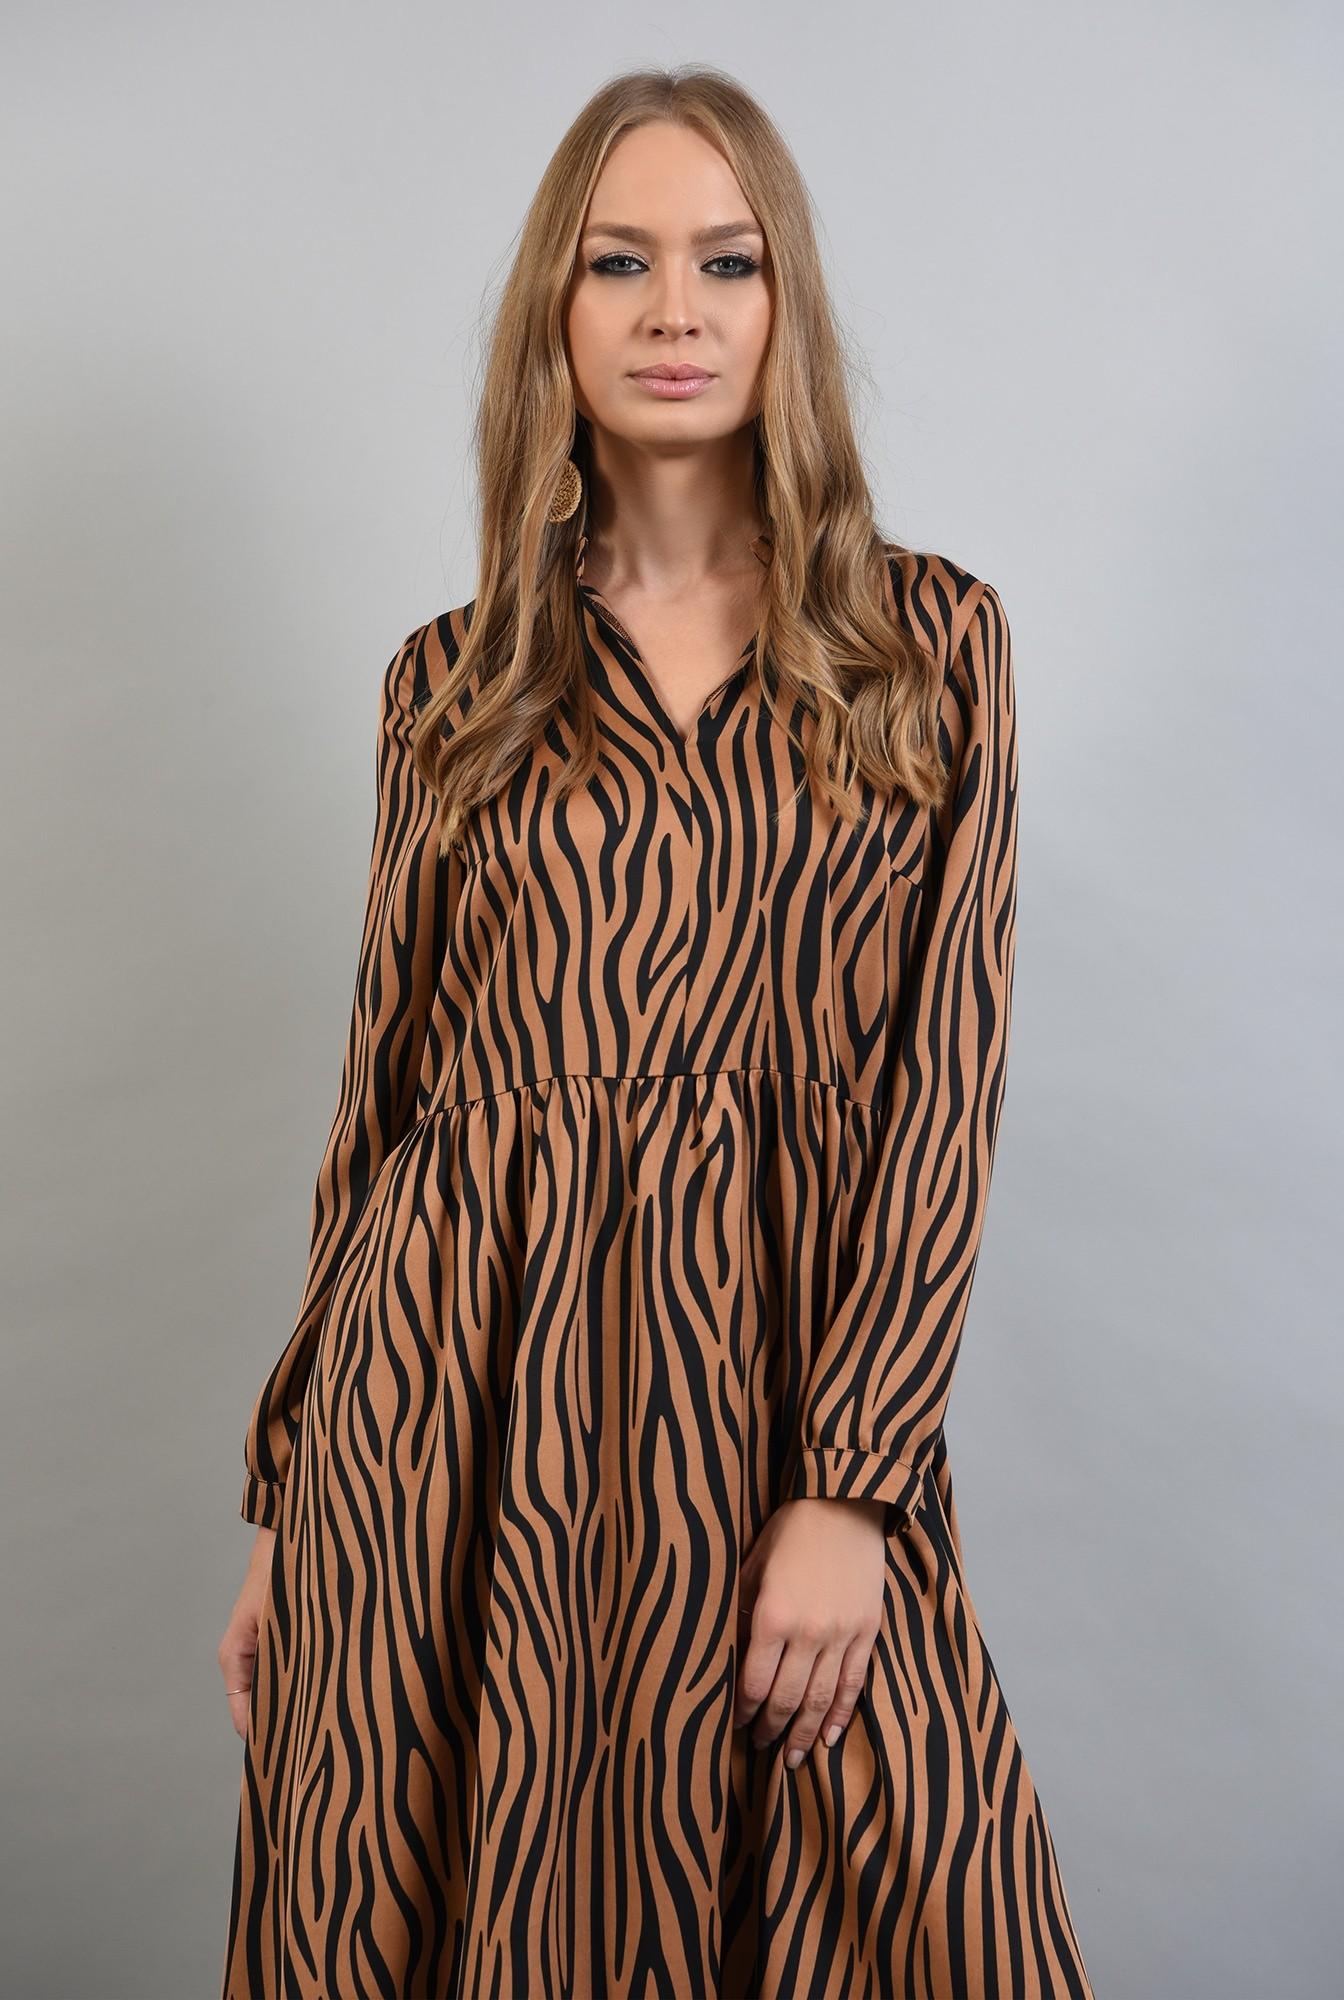 1 - rochie din satin, cu imprimeu, maneci lungi, anchior, zebra